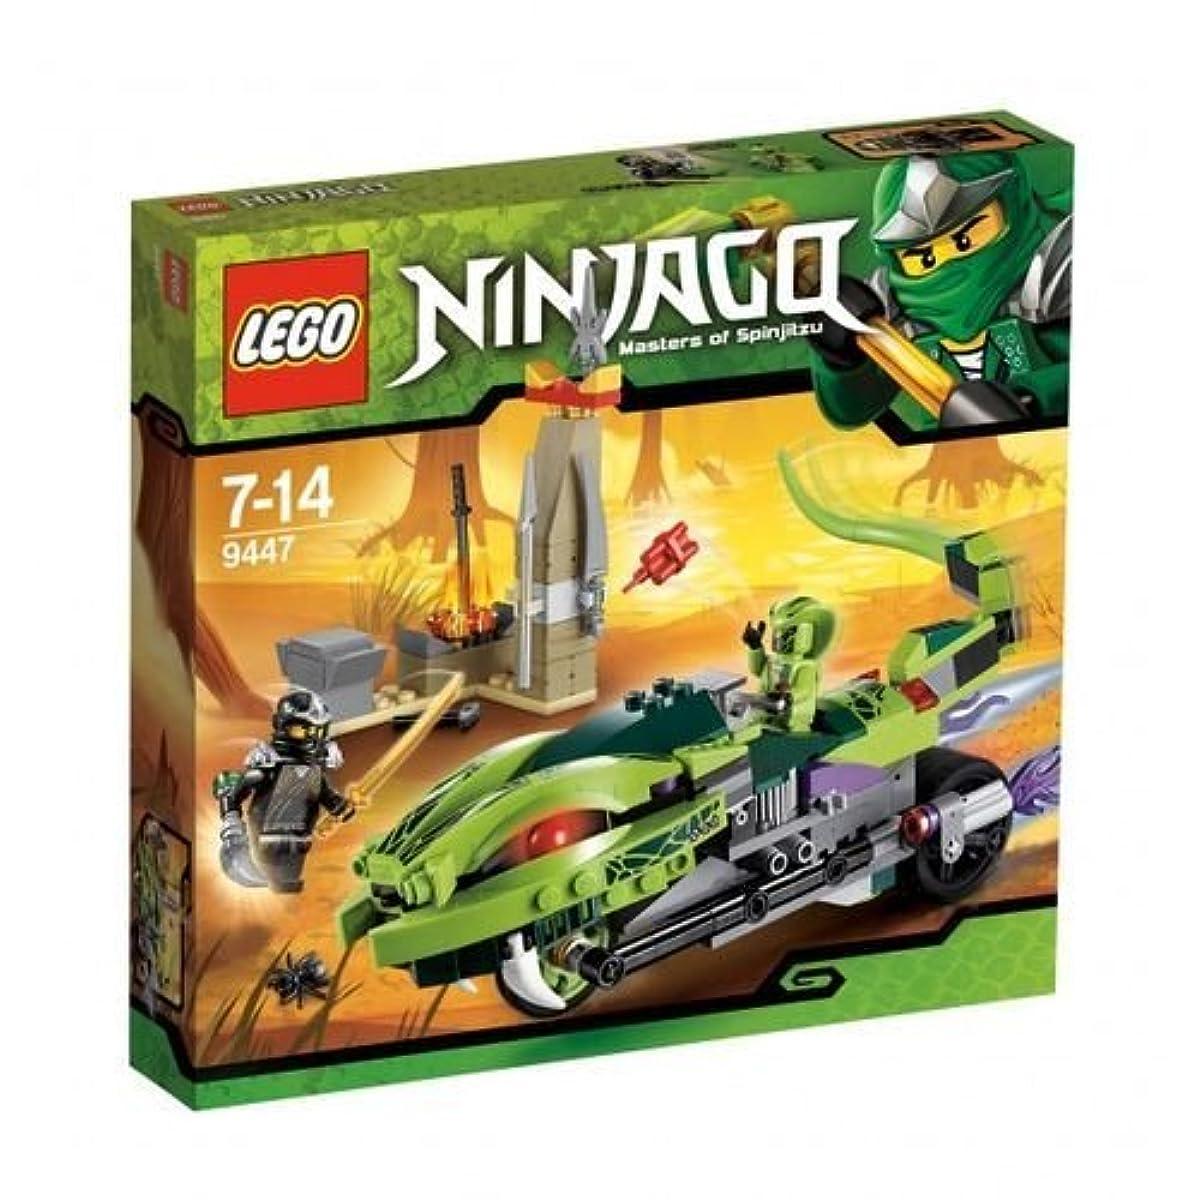 [해외] 레고 (LEGO) 닌자고 라사의 뱀 뱀싸이클 9447 (2012-07-13)